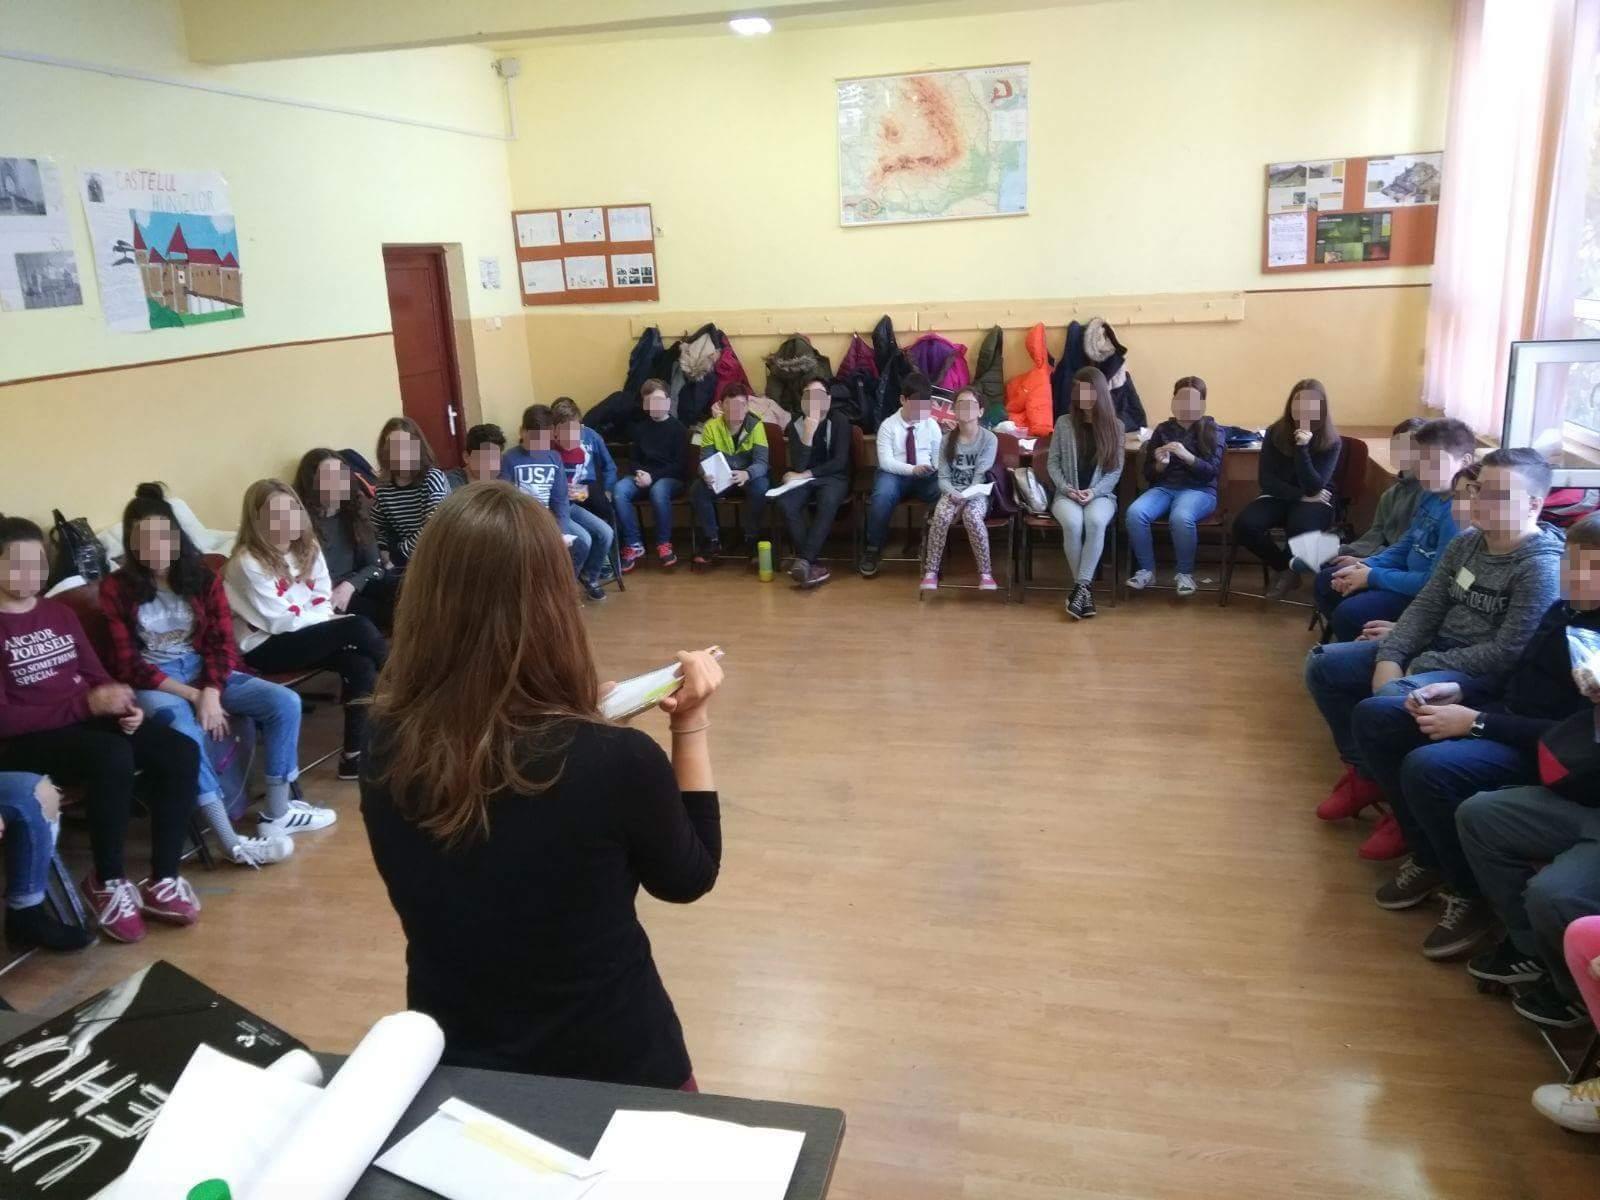 voluntariado con refugiados en rumanía